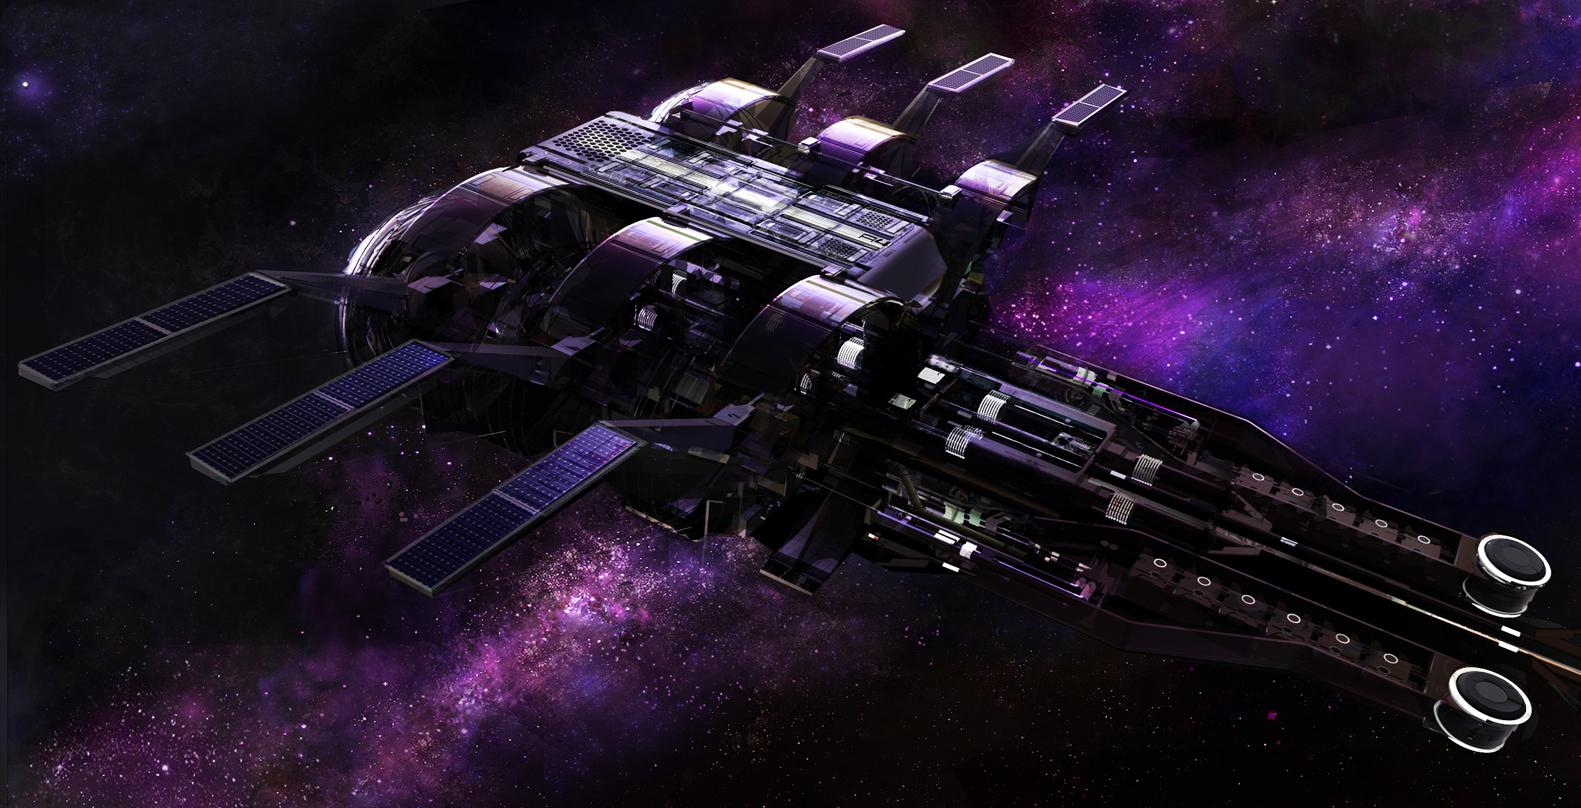 Black Hole Cygnus Blueprints (page 2) - Pics about space